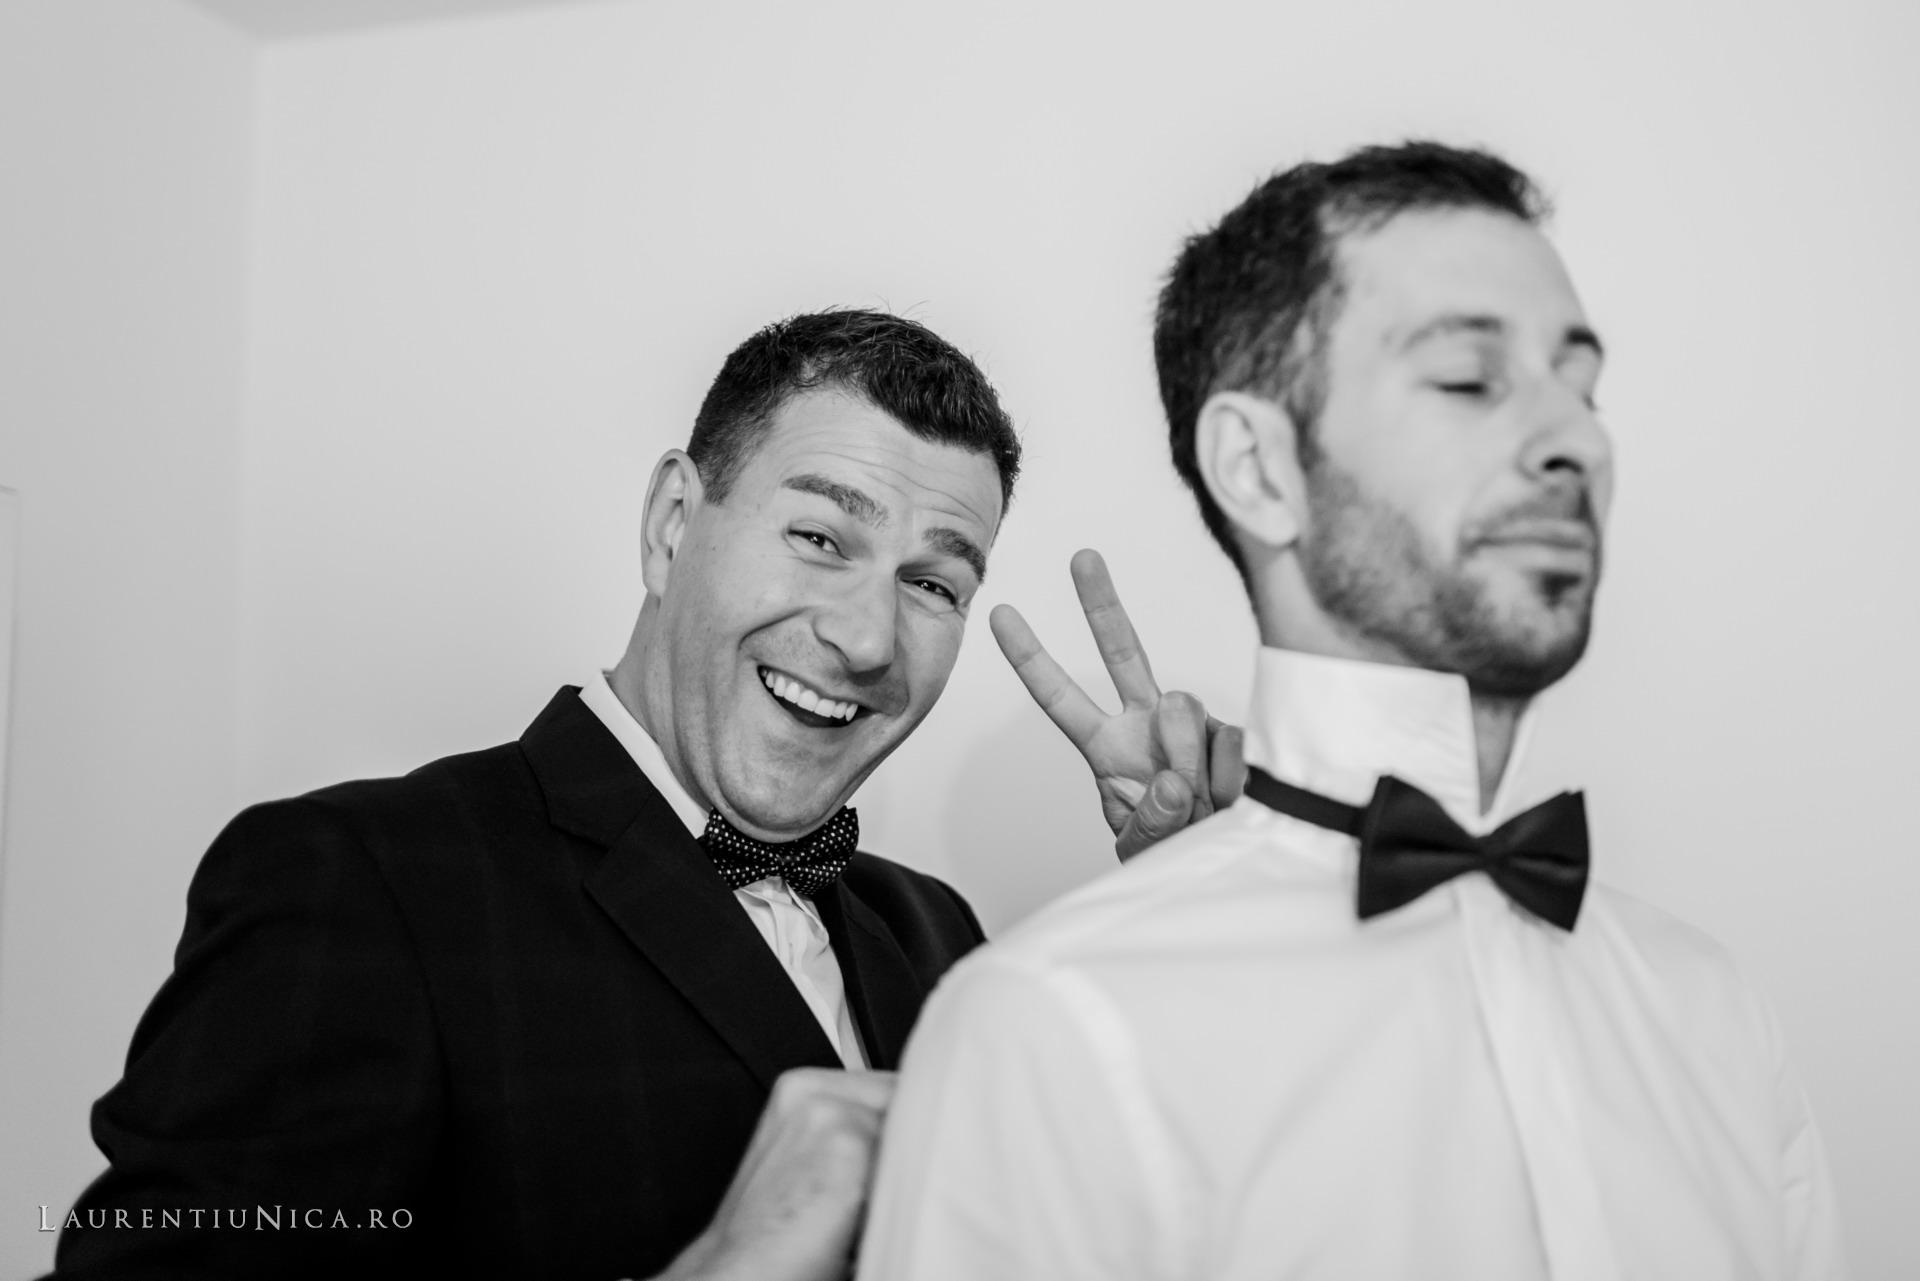 carolina si sorin craiova fotograf nunta laurentiu nica09 - Carolina & Sorin | Fotografii nunta